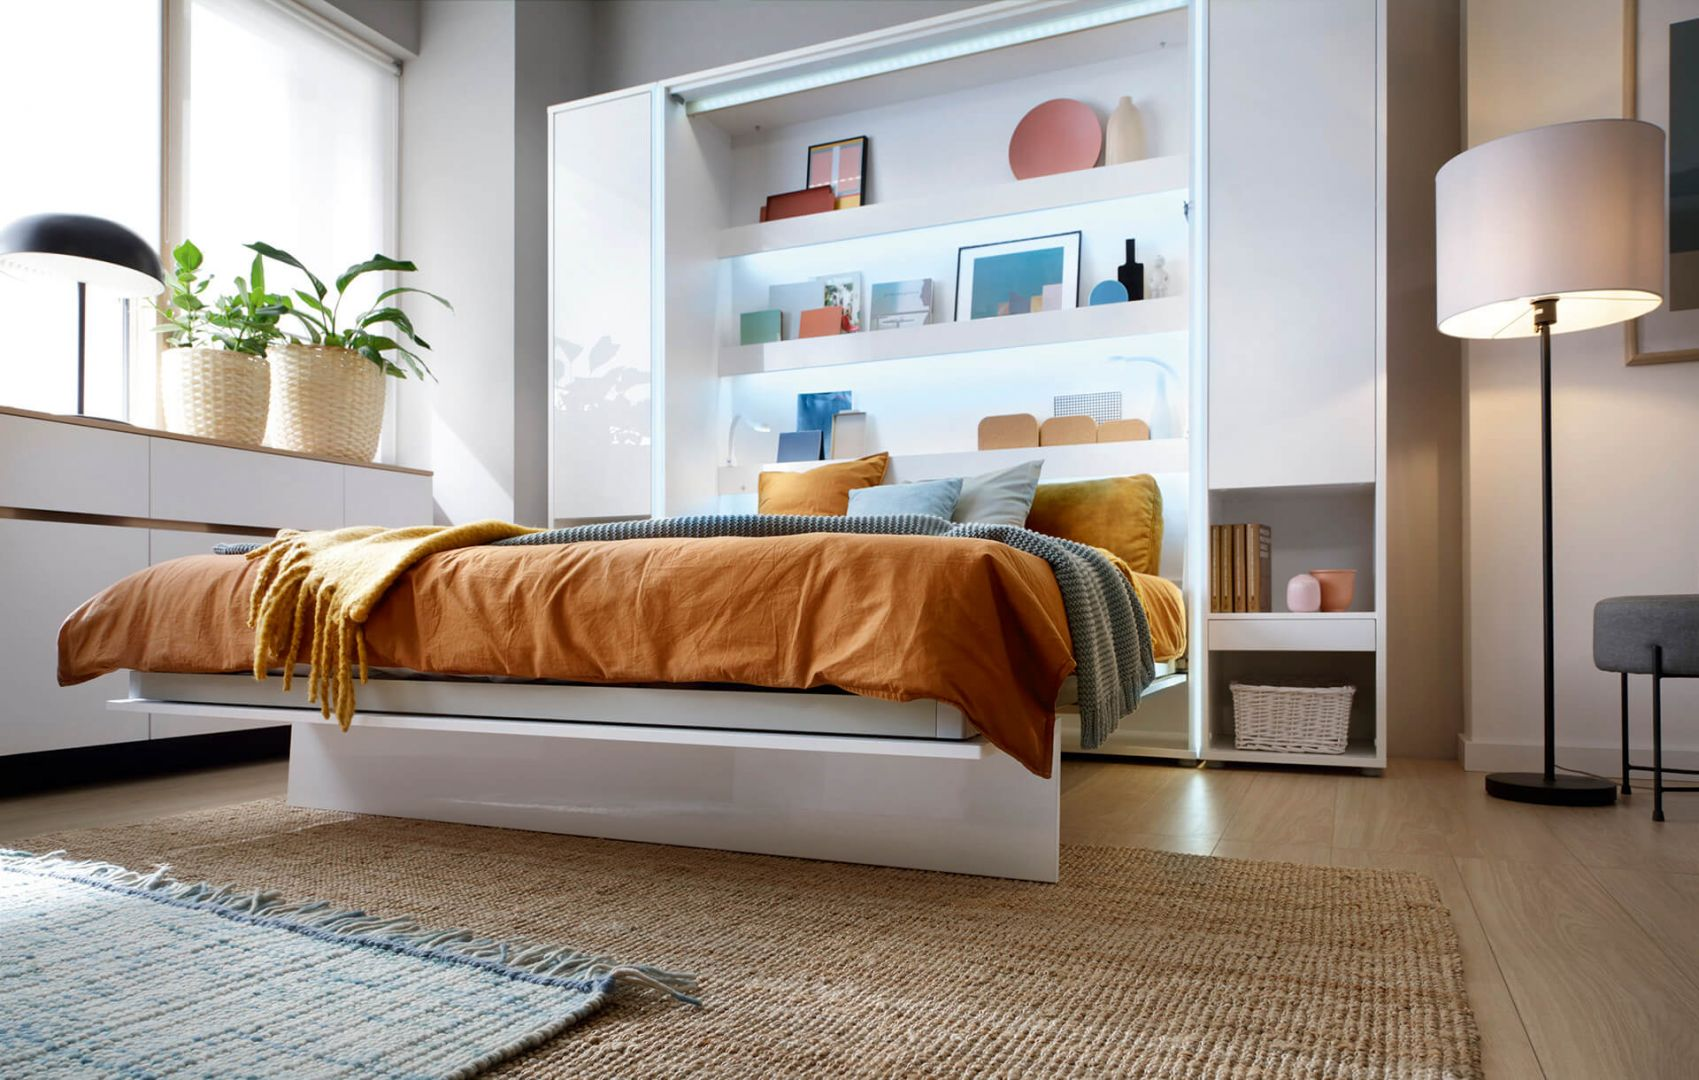 Półkotapczan wyposażono w bardzo praktyczne pasy spinające pościel, dzięki którym poduszki i kołdra znikają razem z łóżkiem. Fot. Dignet Lenart